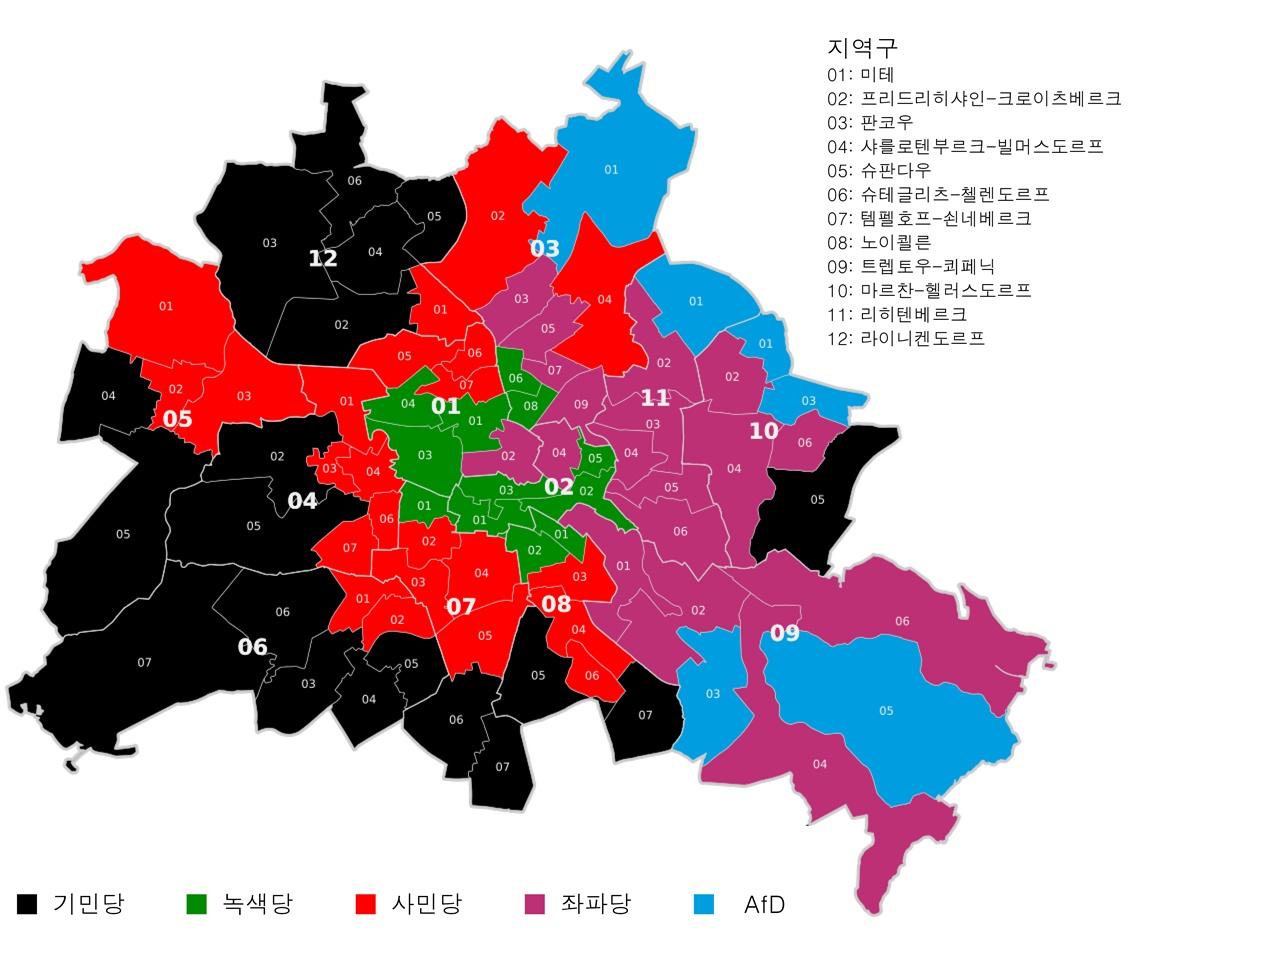 주 의회 정당 투표 결과(최다 득표 정당 기준)